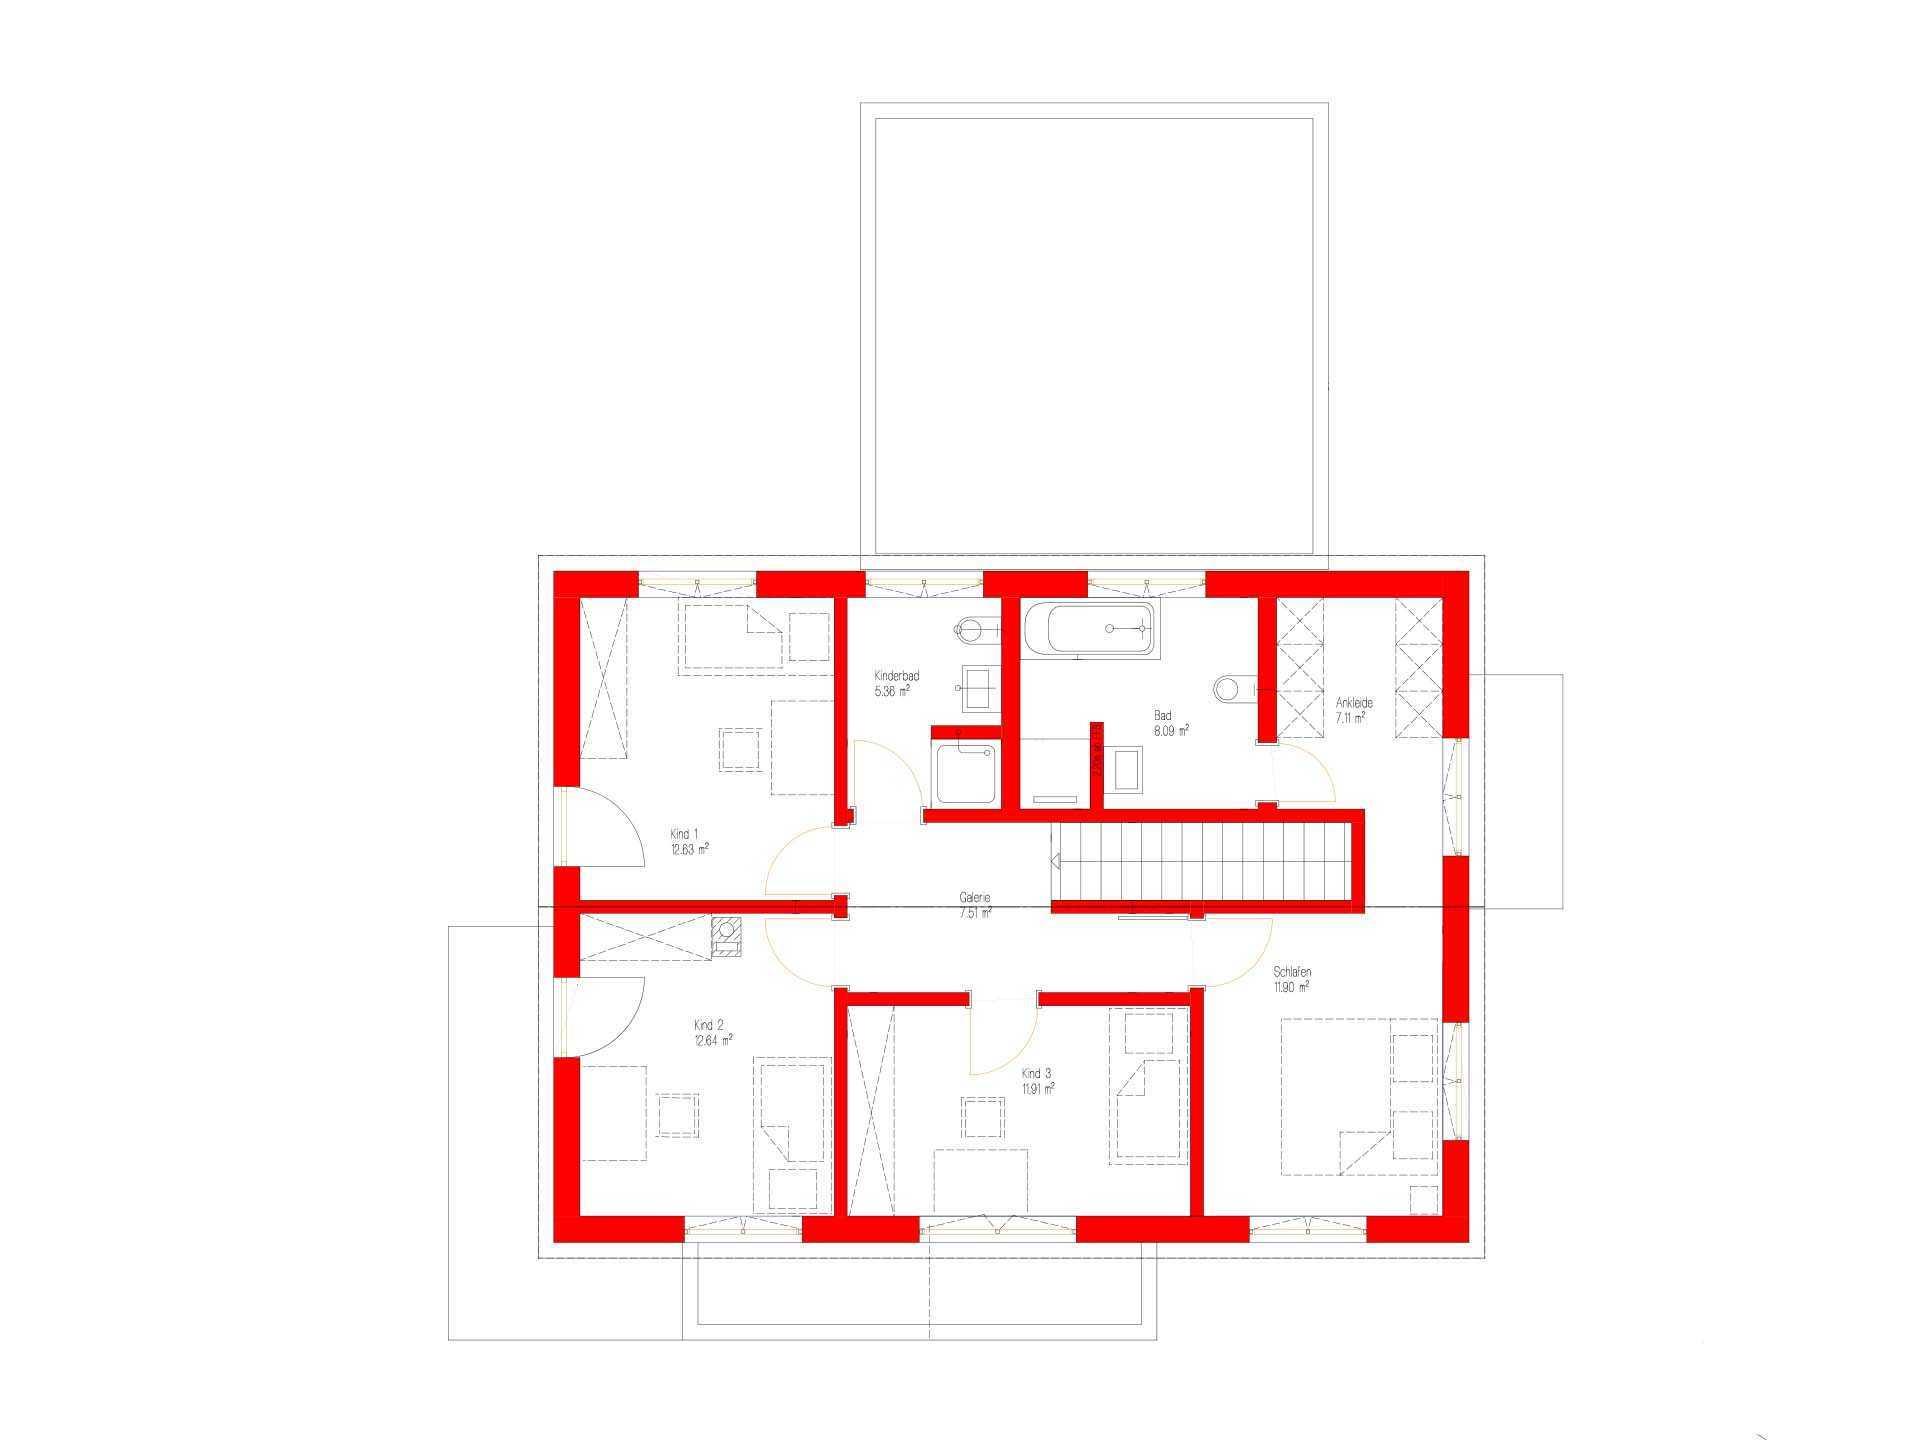 Kundenhaus Malmsheim - Eine Nahaufnahme von einem Logo - Gebäudeplan